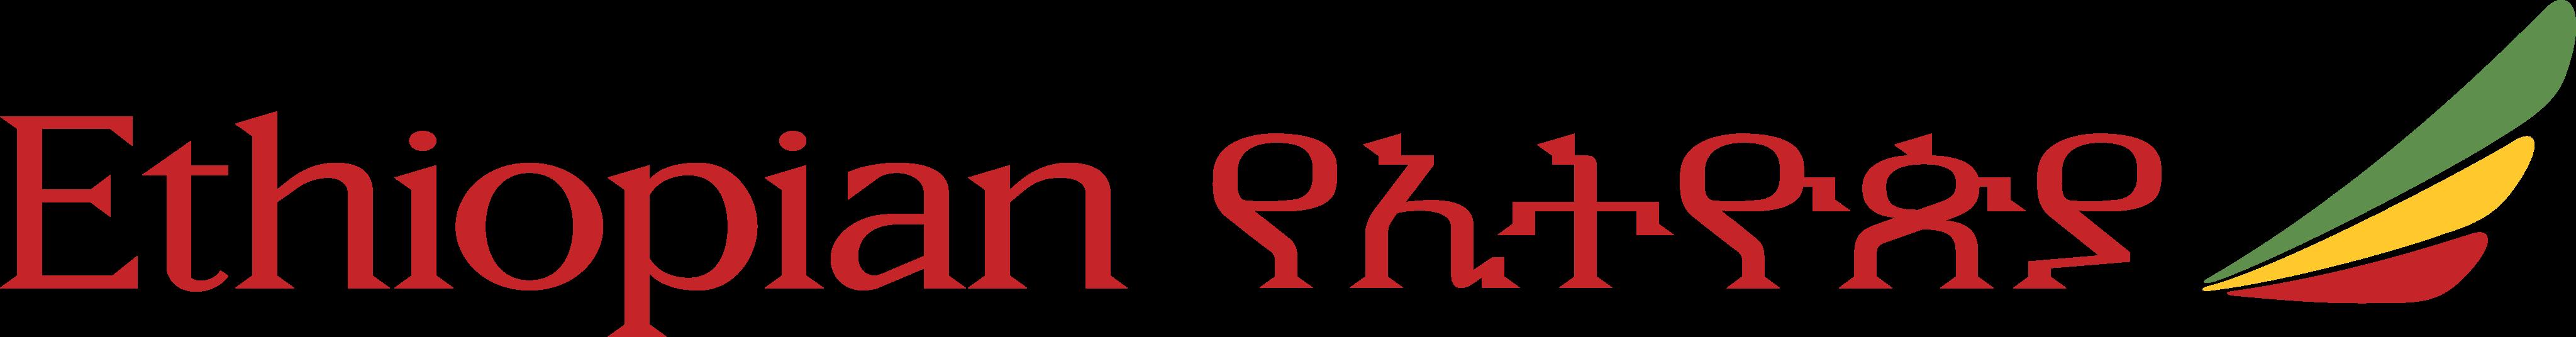 Ethiopian Airlines Logo.